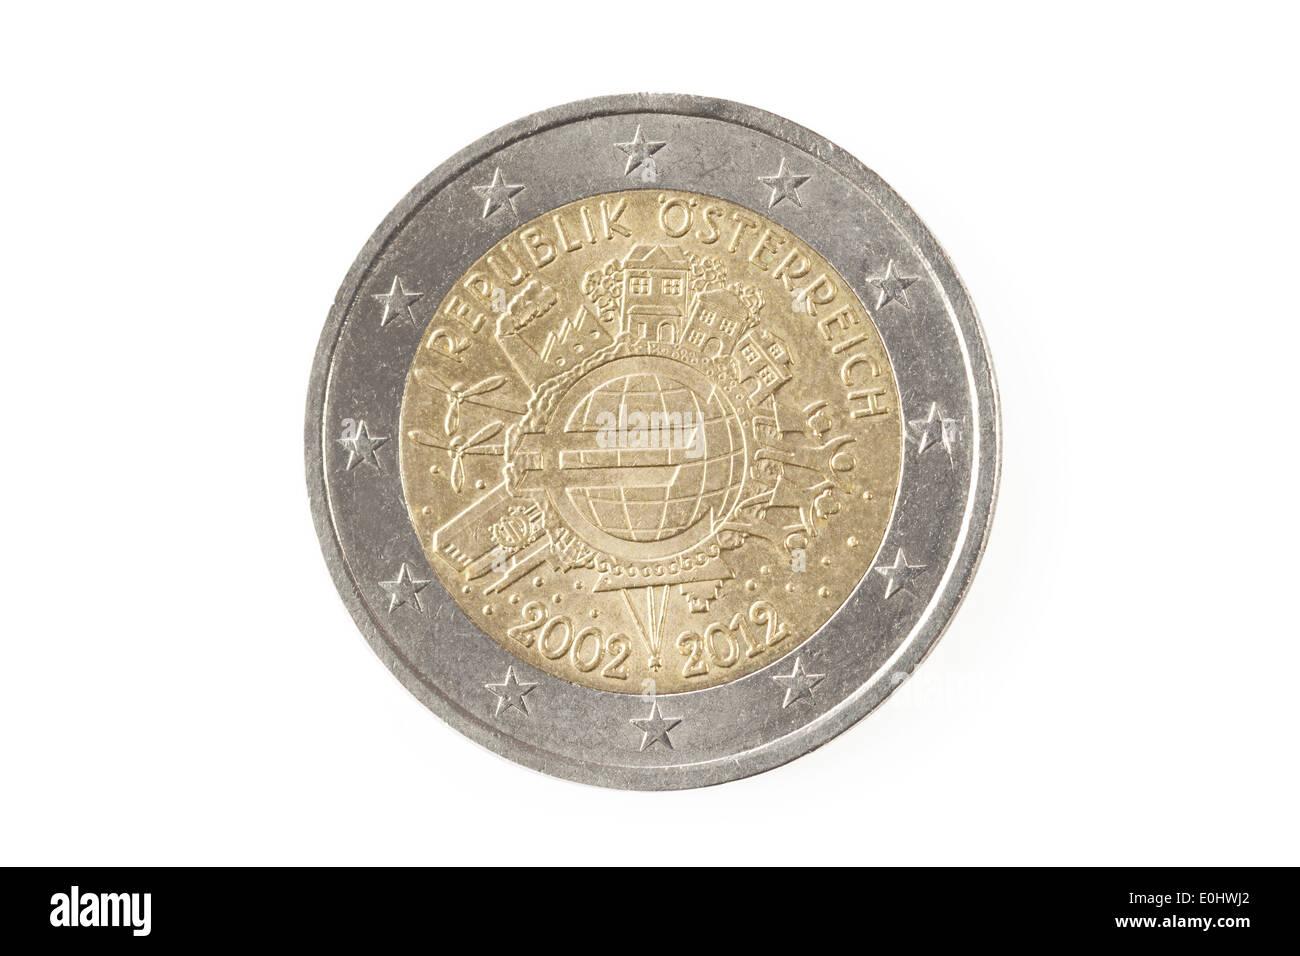 Rückseite Eine österreichische Zwei Euro Münze Isoliert Auf Weißem